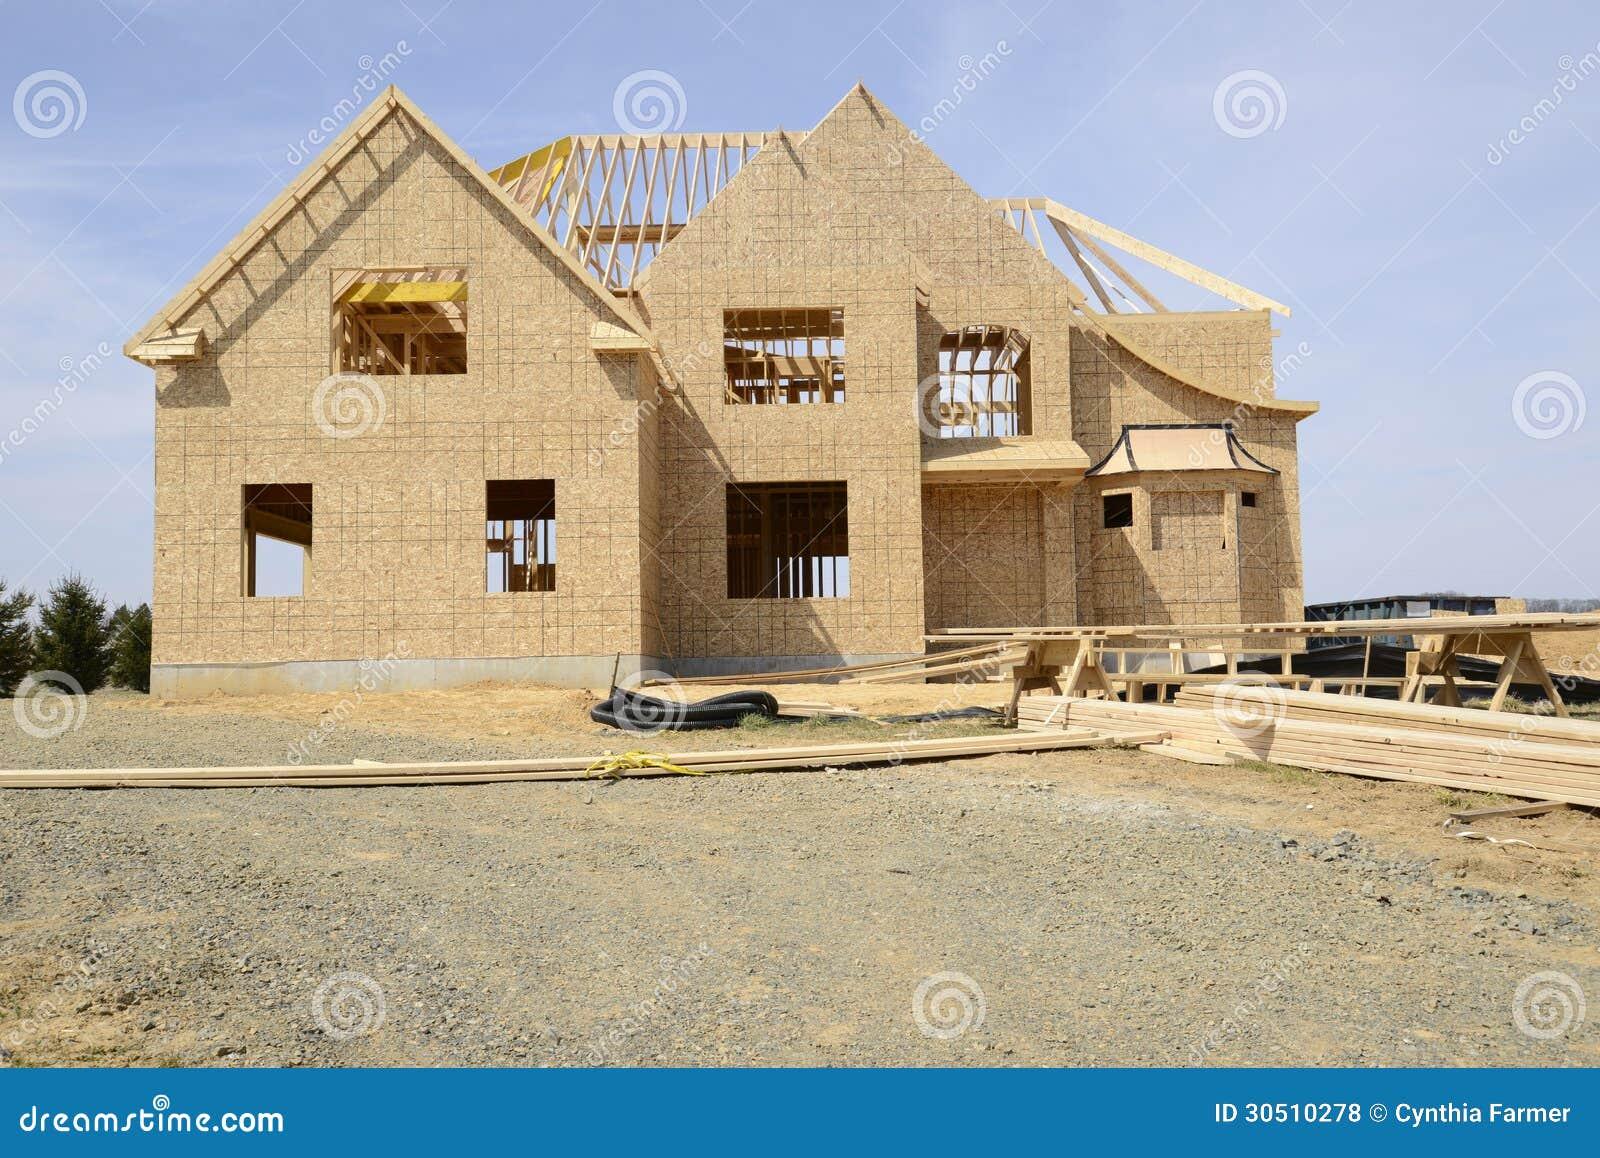 una grande casa di famiglia di due storie in costruzione